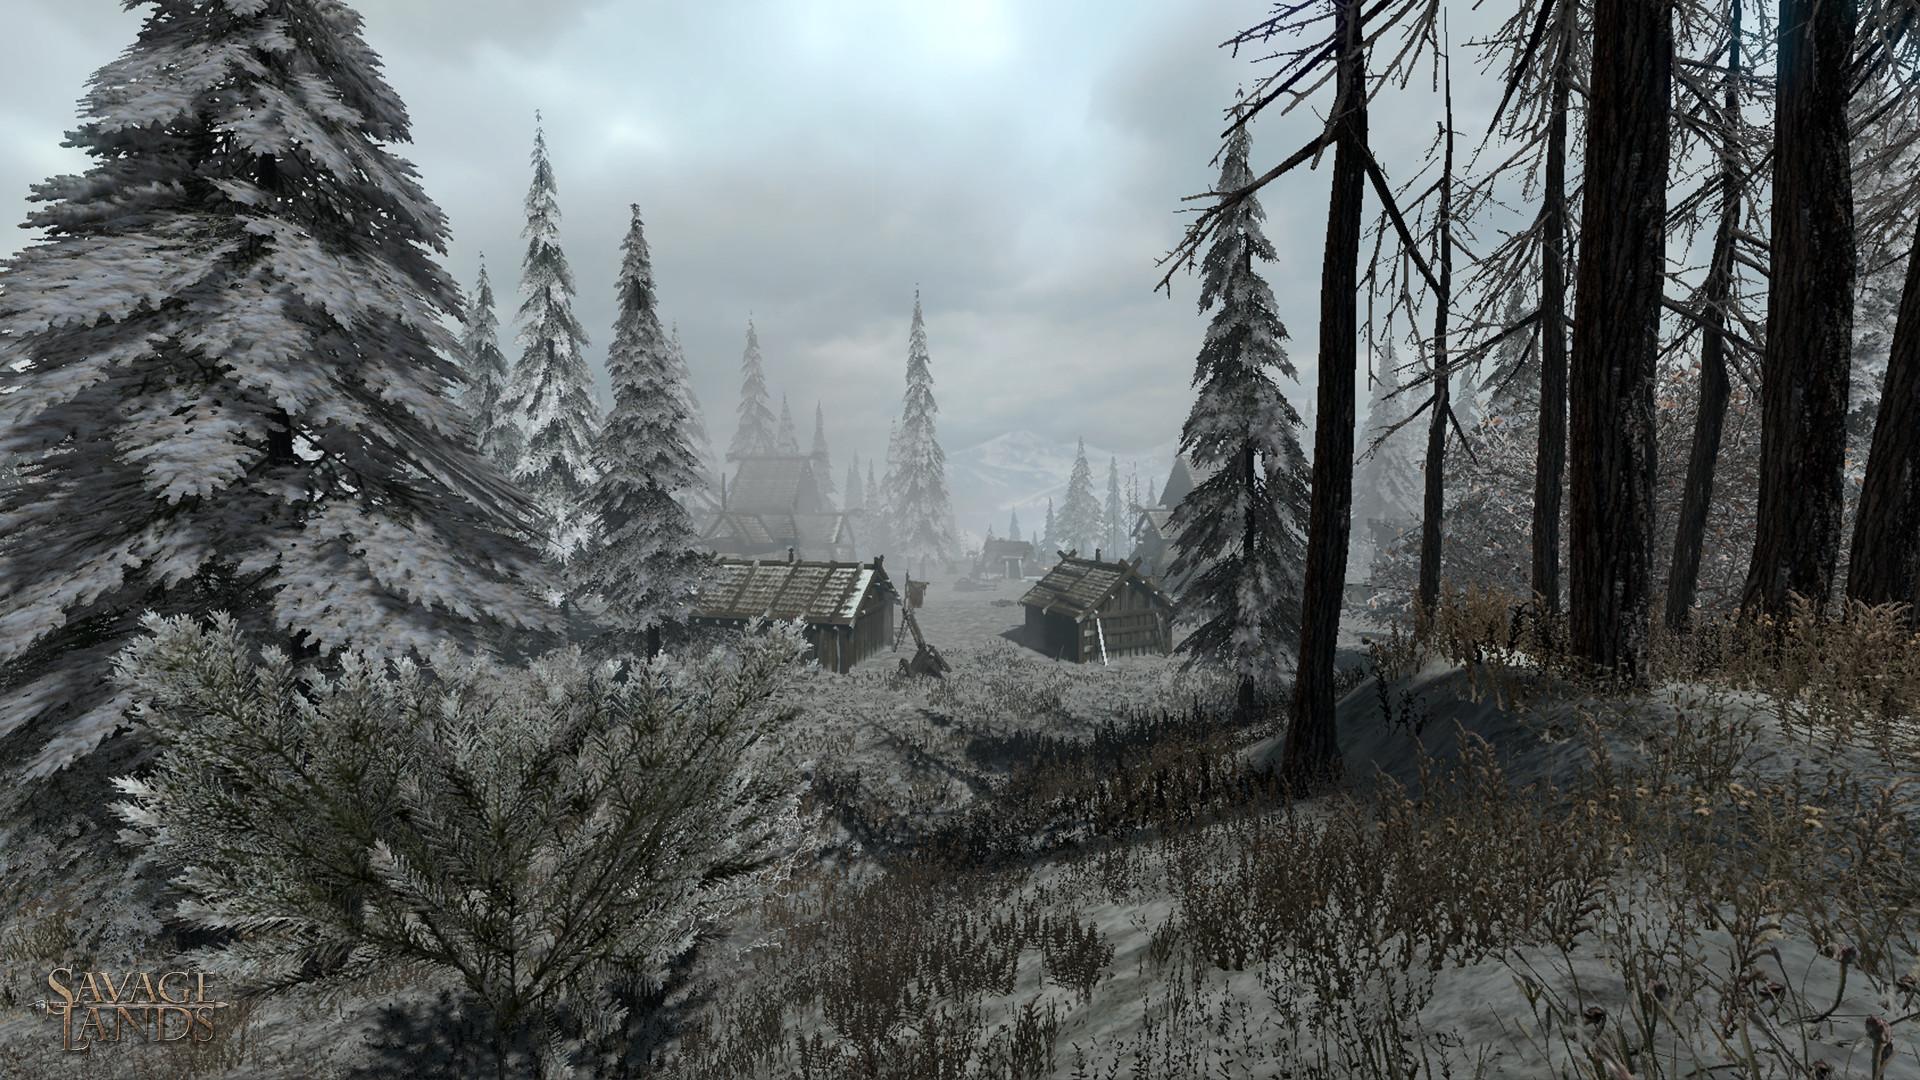 Savage Lands - Eine eisige Welt.jpg